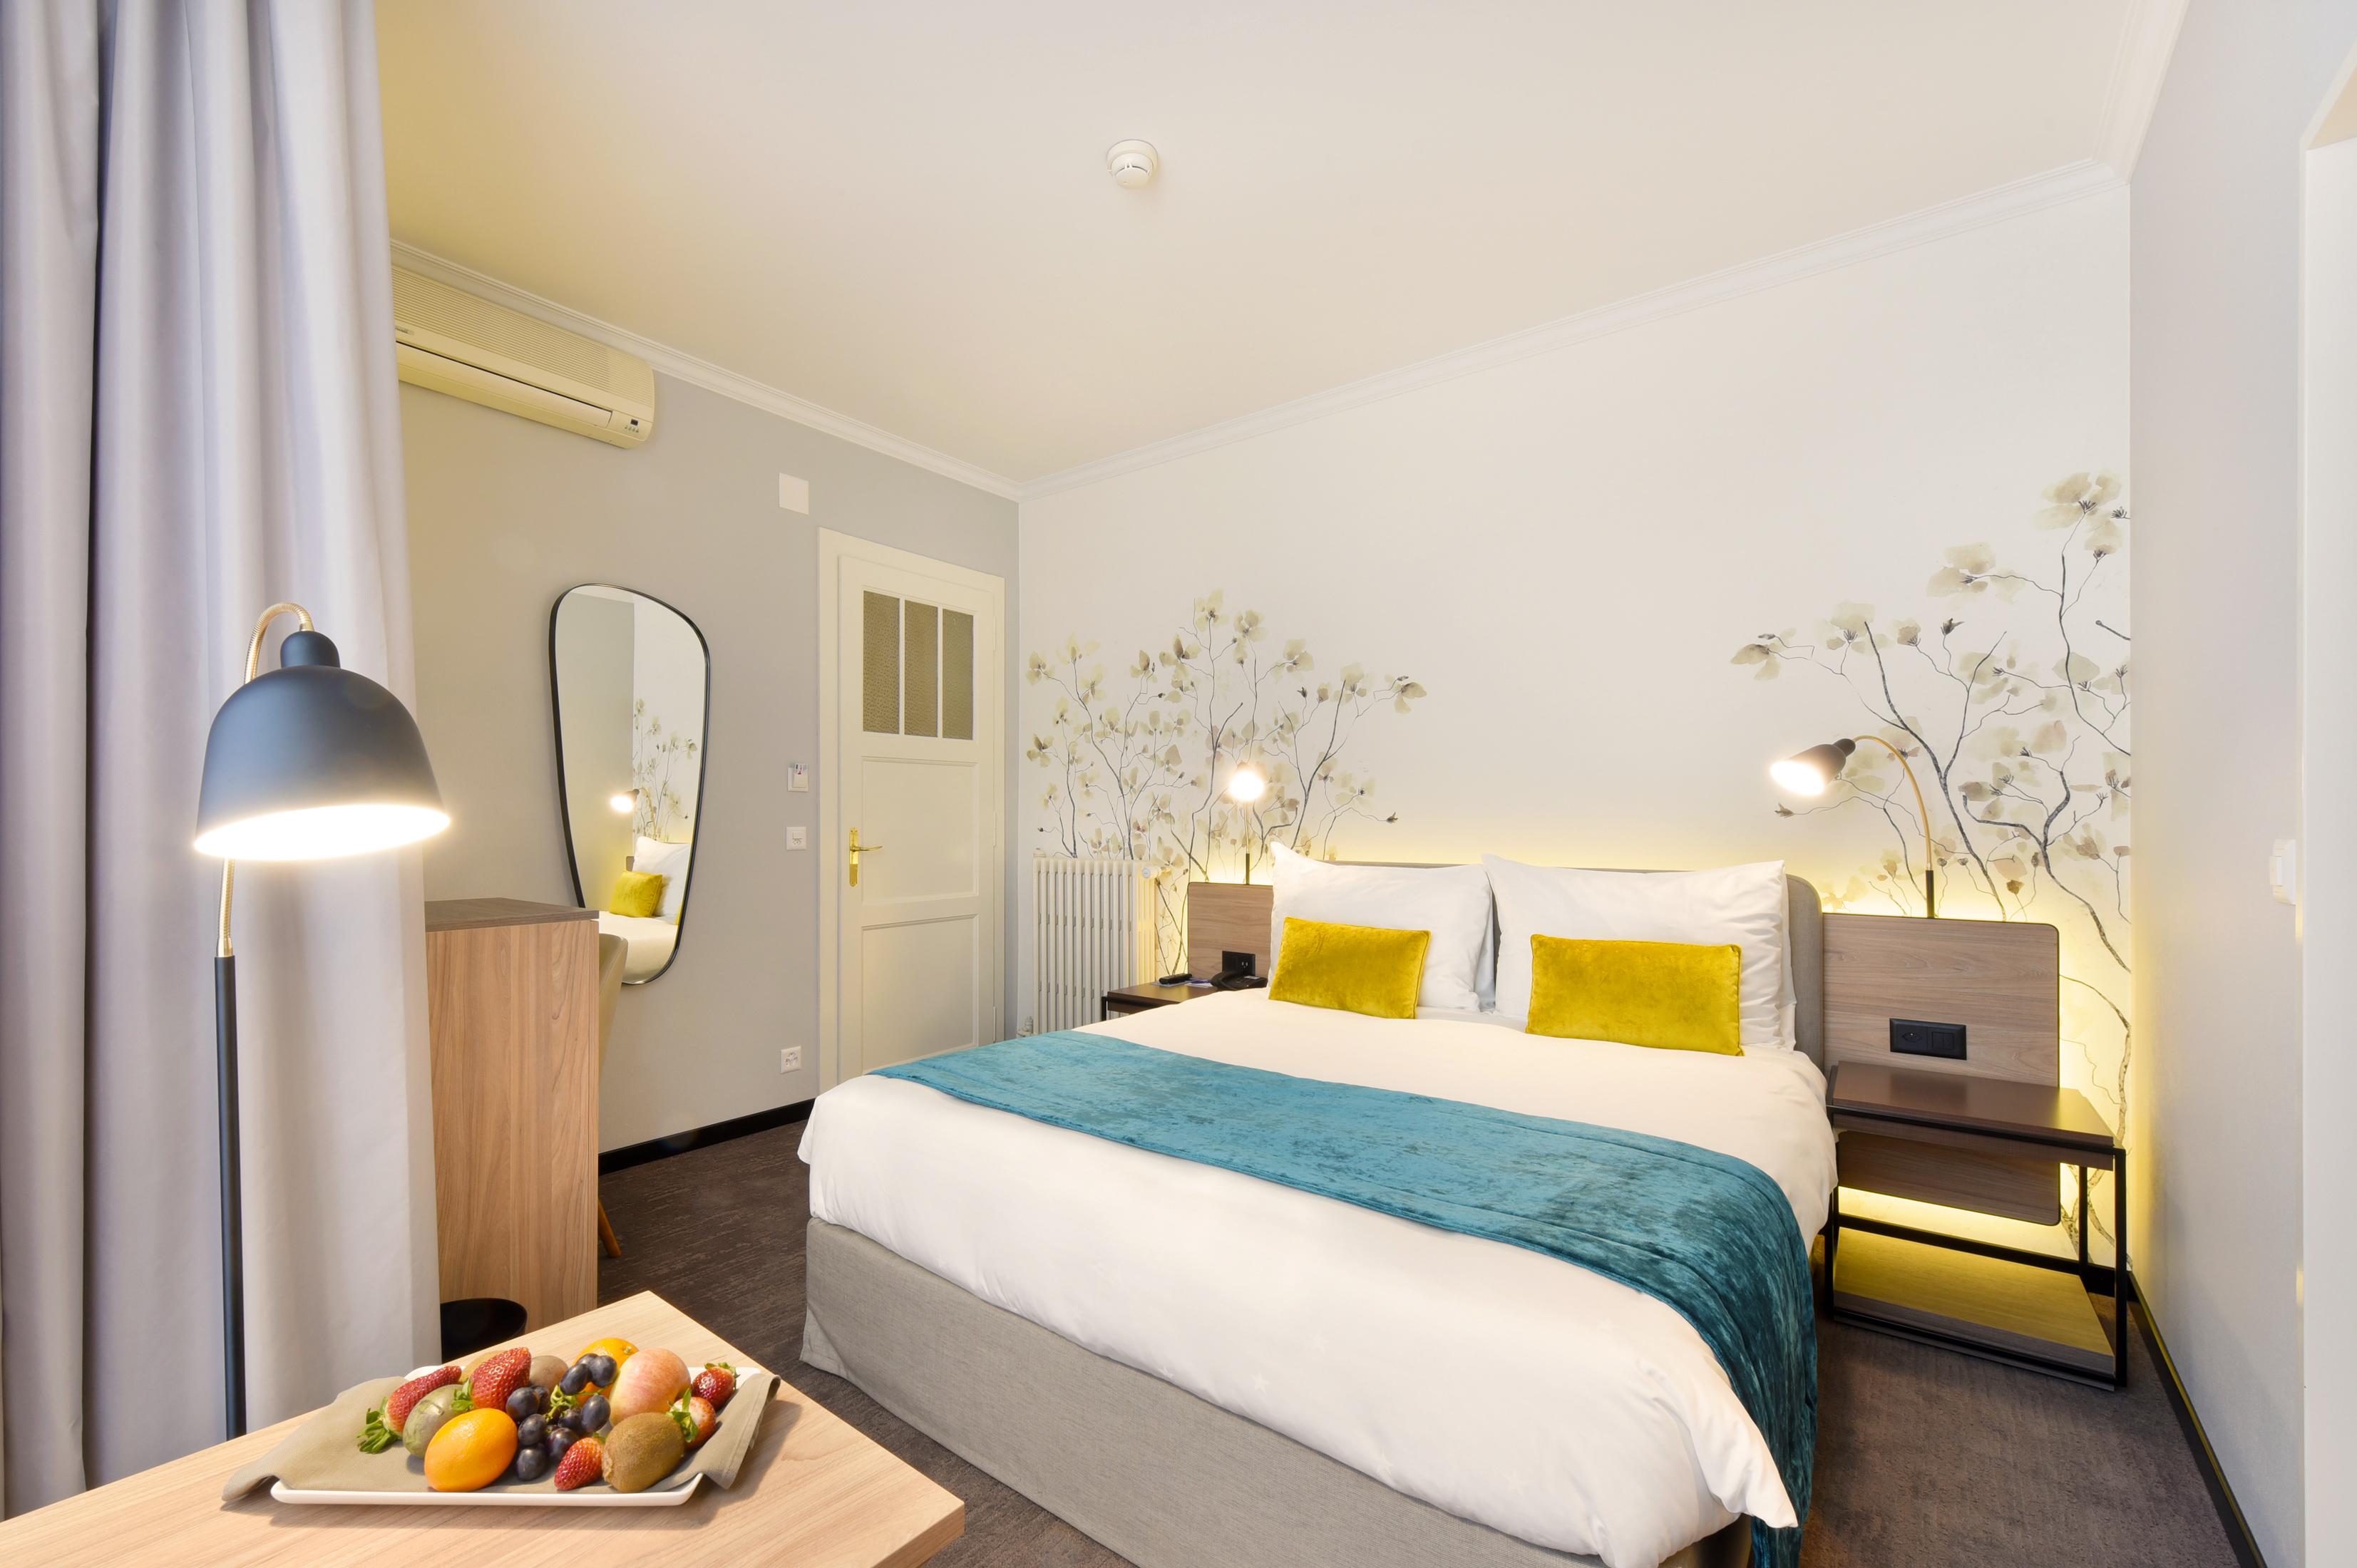 Astra Hotel Vevey - eig-apps.org - Umfassendes